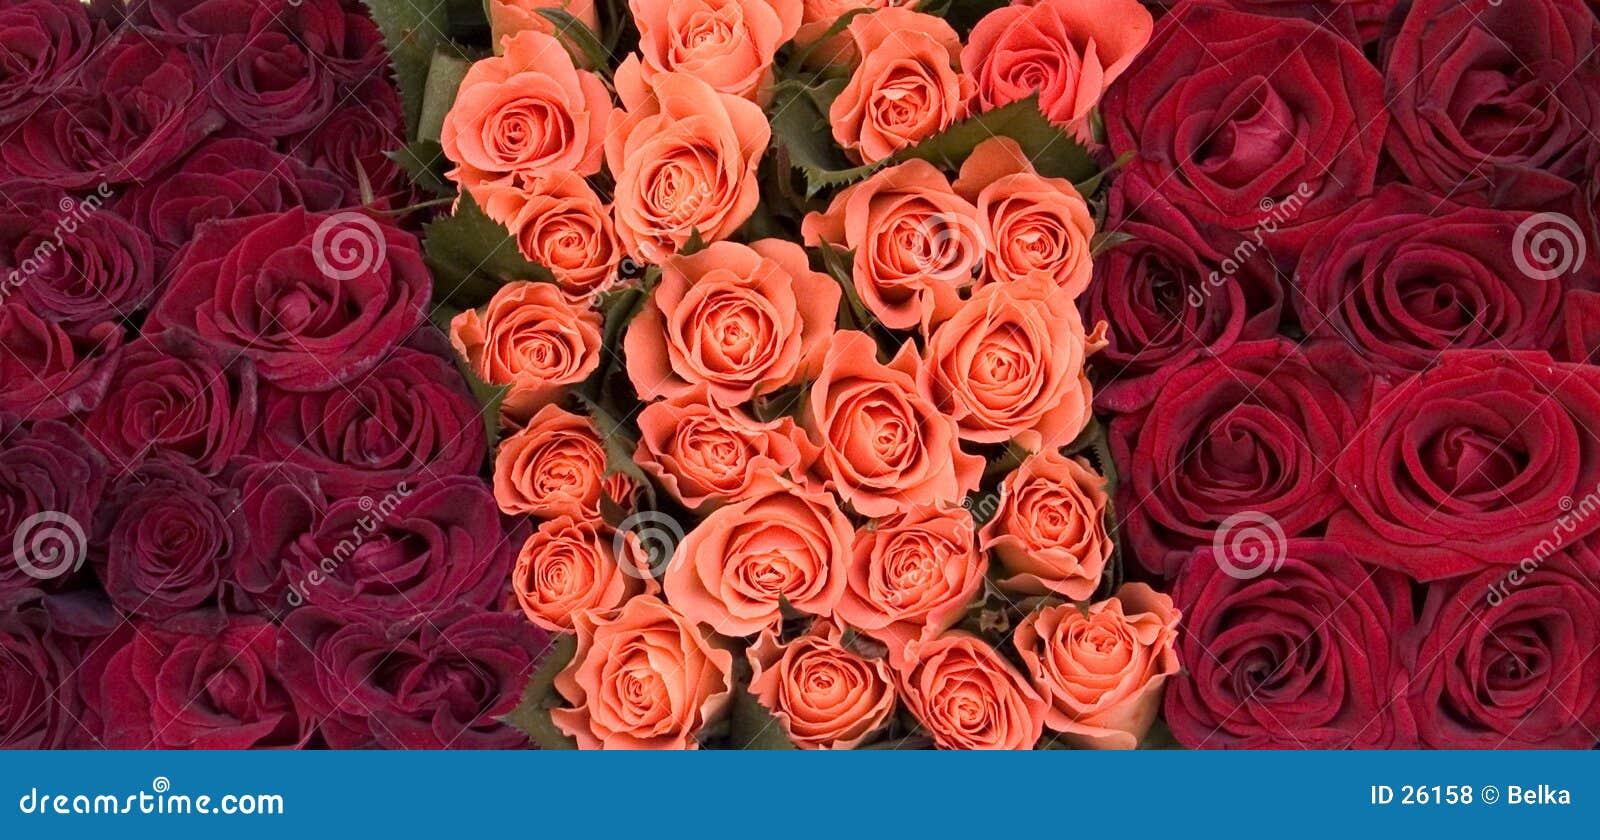 Download Rosas foto de archivo. Imagen de pétalo, rose, pétalos, manojo - 26158